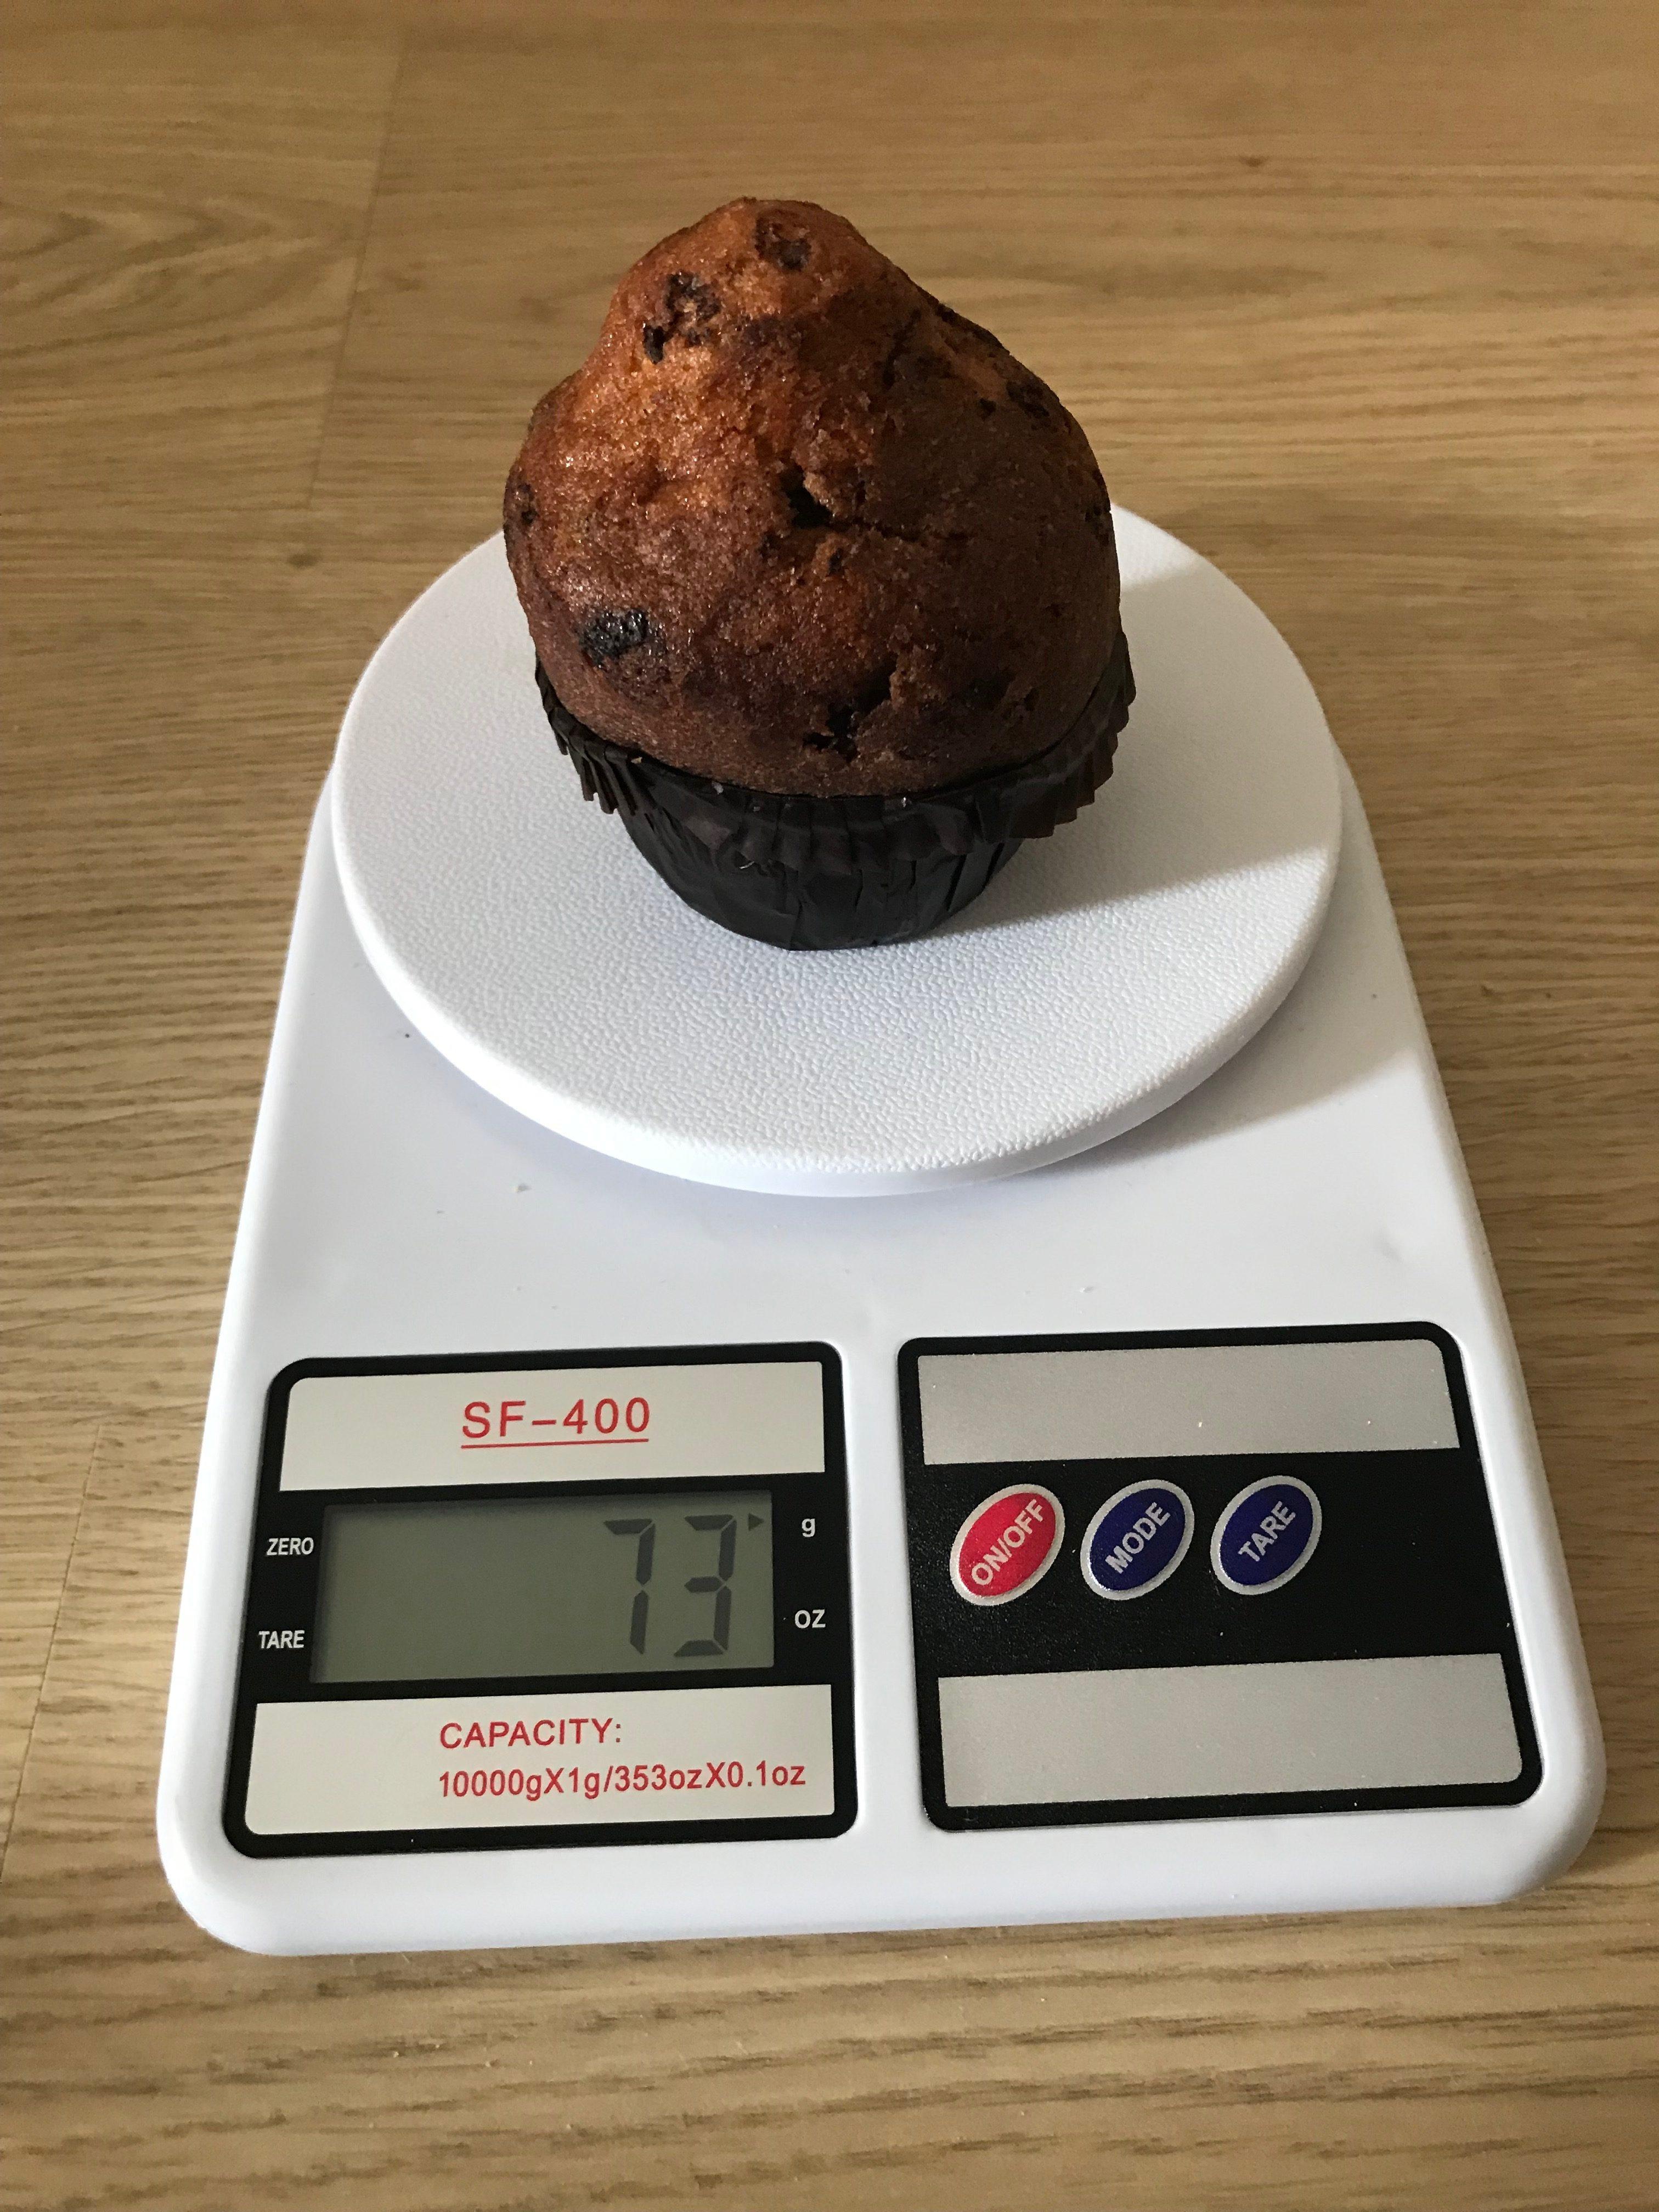 вес кекса с шоколадом в бумажной обертке